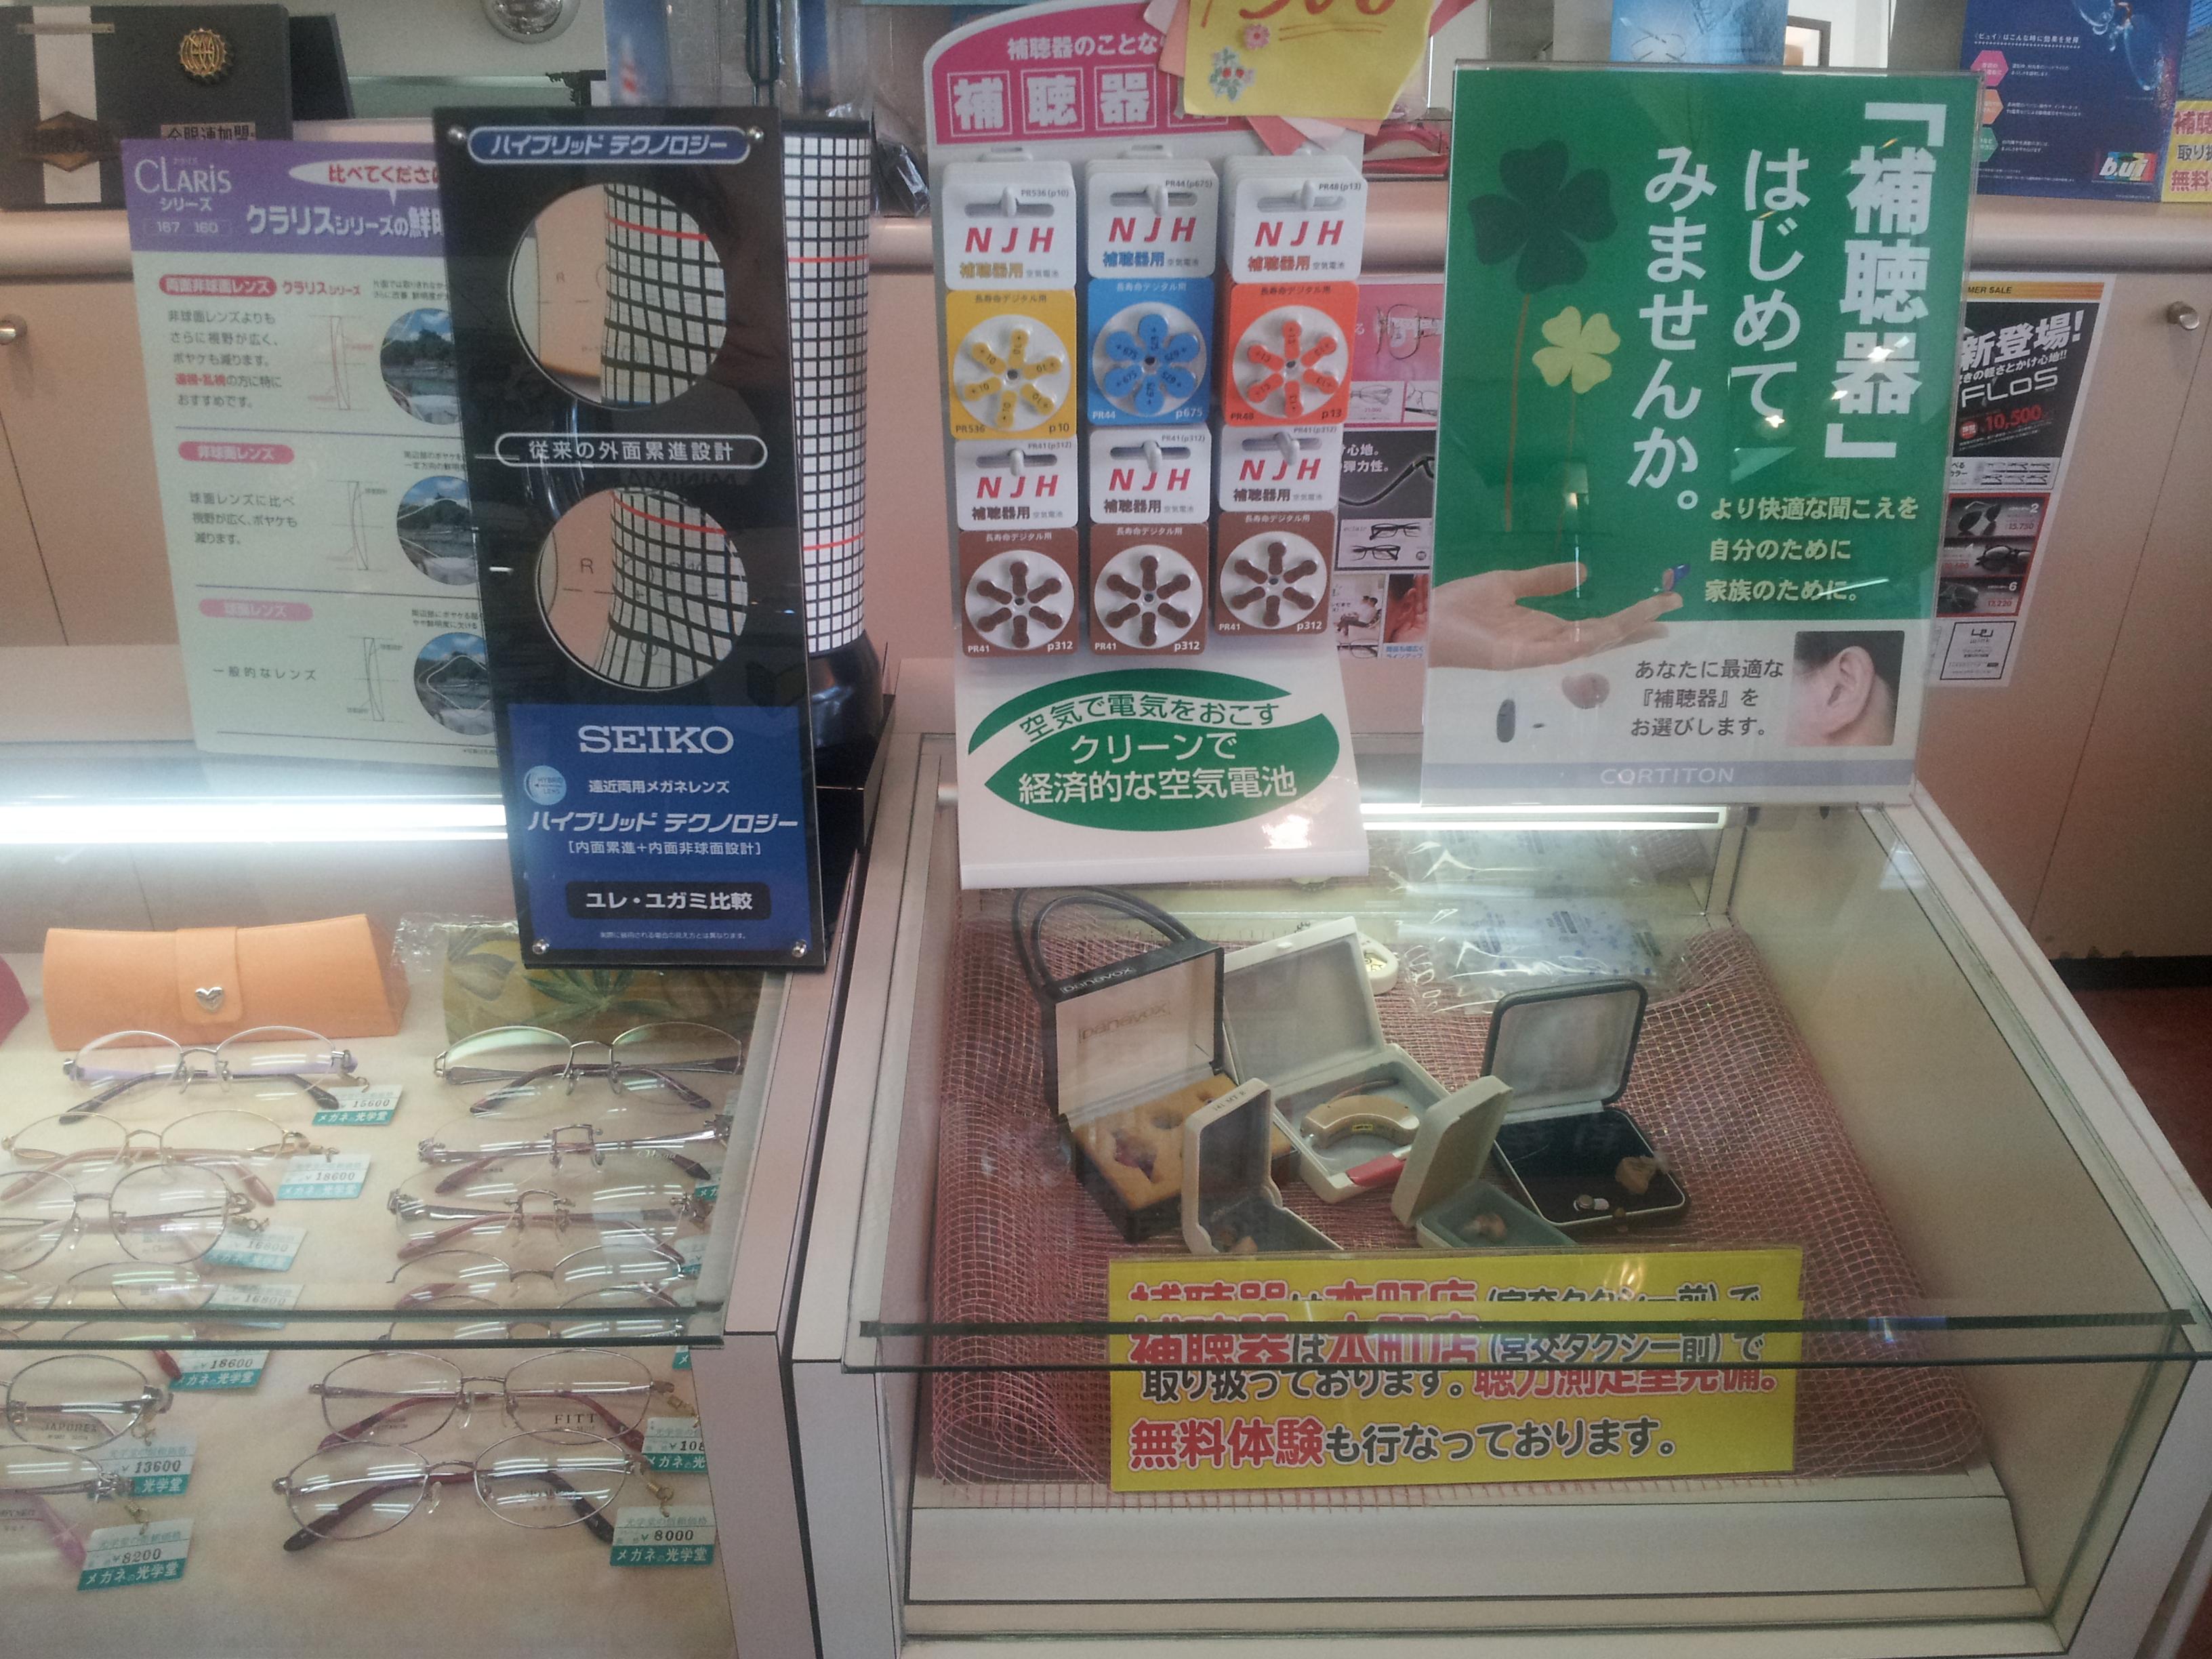 メガネの光学堂(小林中央店)